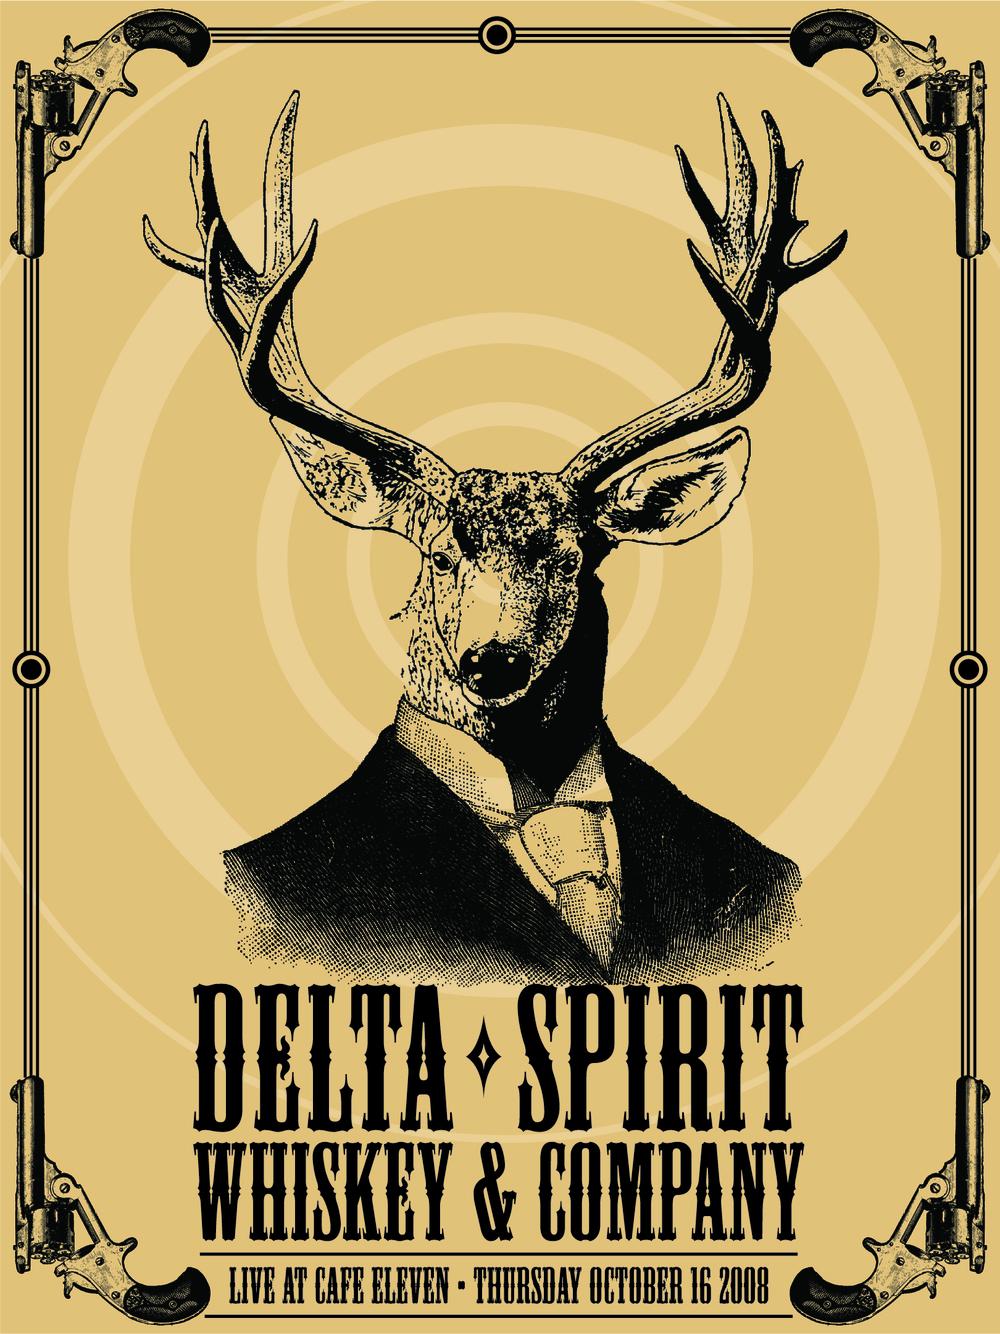 dcoss Delta Spirit Poster.jpg